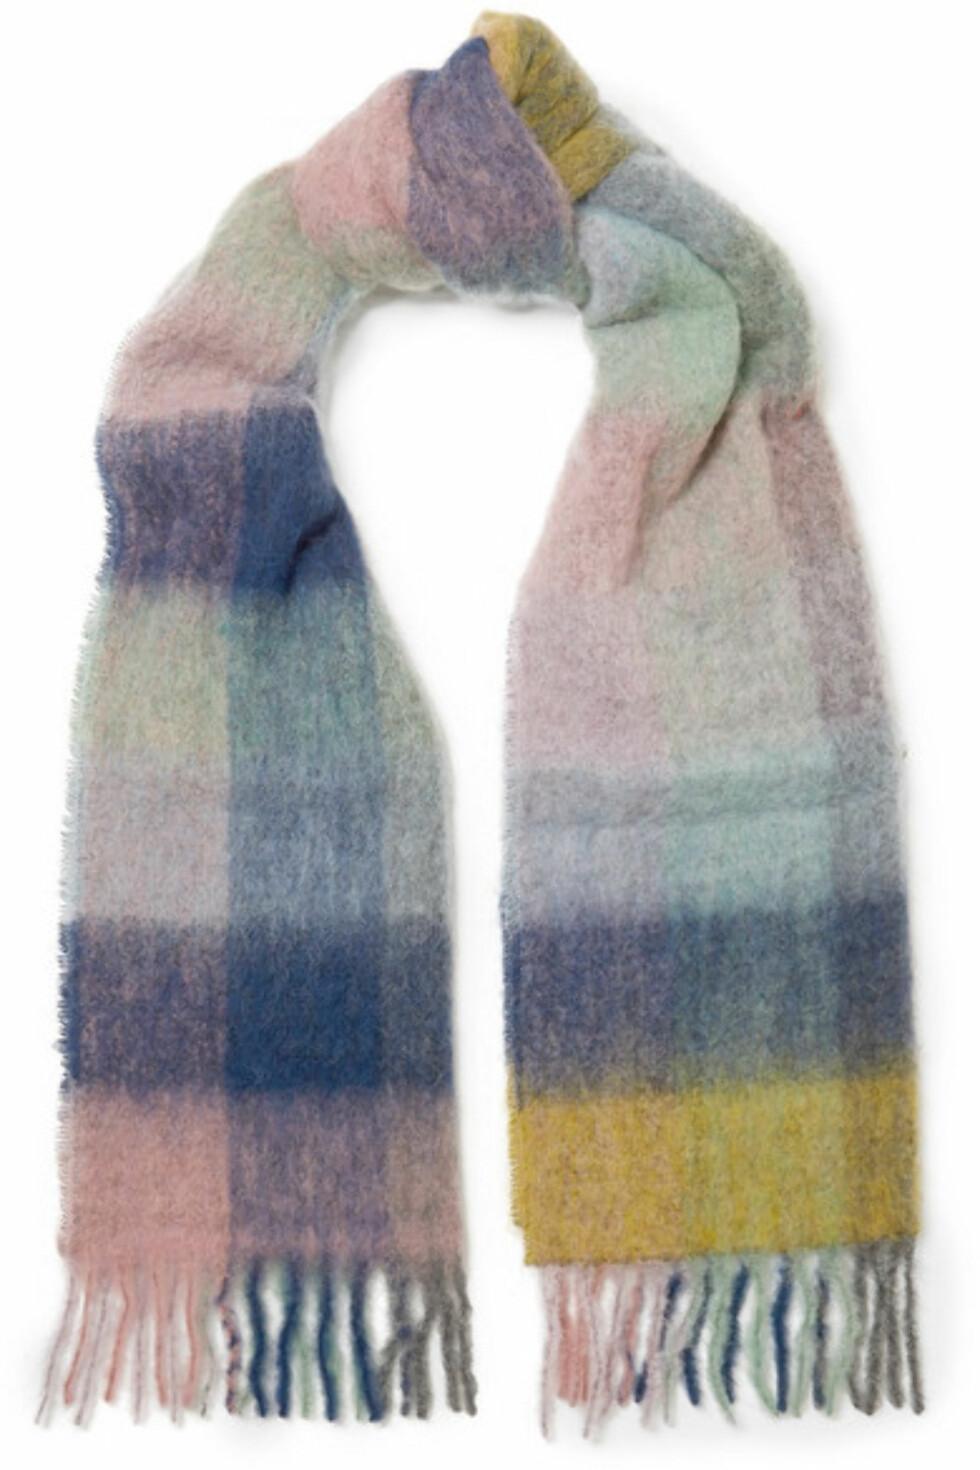 Skjerf fra Holzweiler |1323,-|https://www.net-a-porter.com/no/en/product/1050814/holzweiler/fresia-fringed-checked-textured-knit-scarf